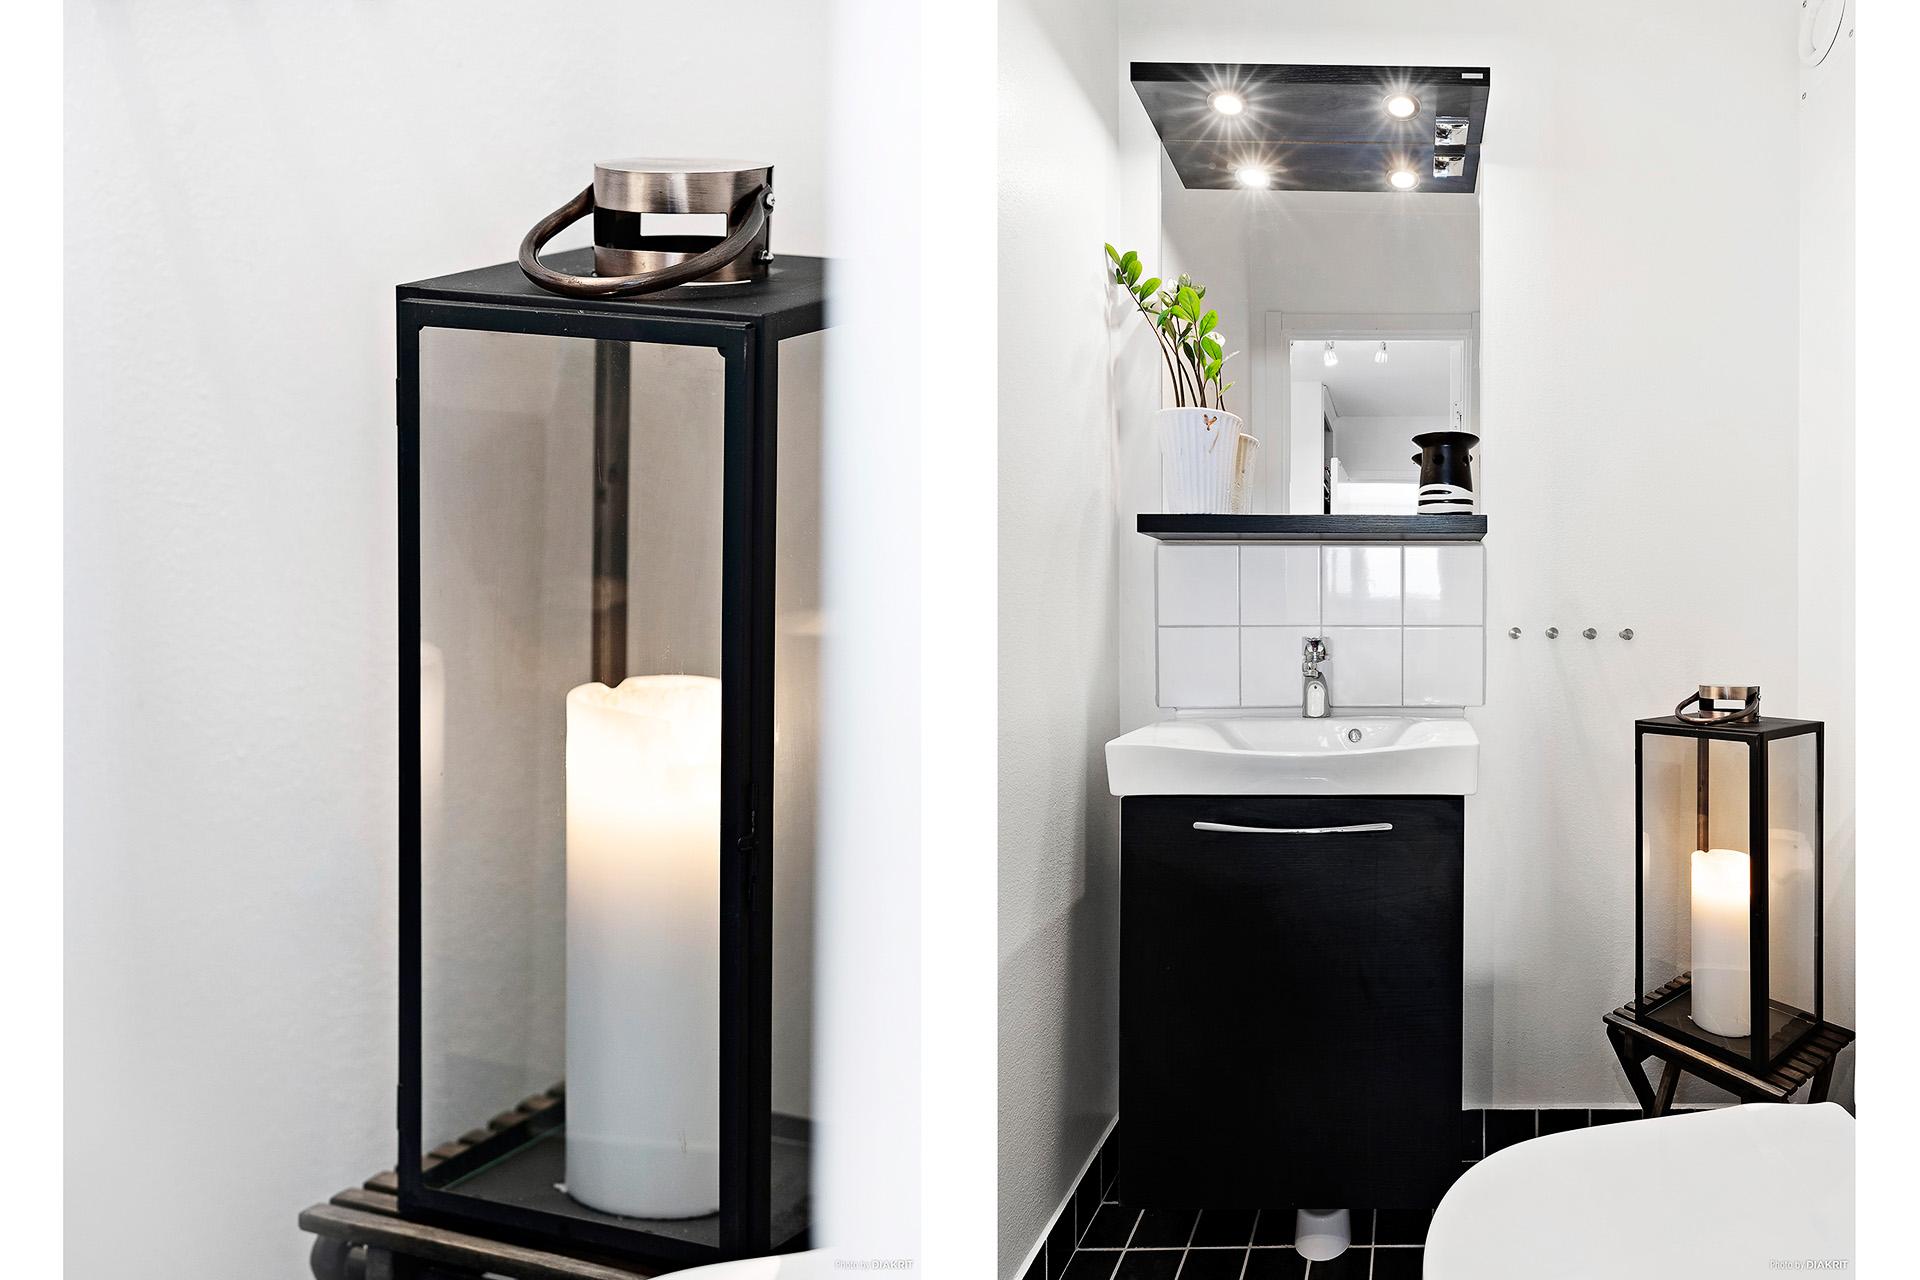 Toalettrum renoverat 2013 i bostadsrättsföreningens regi